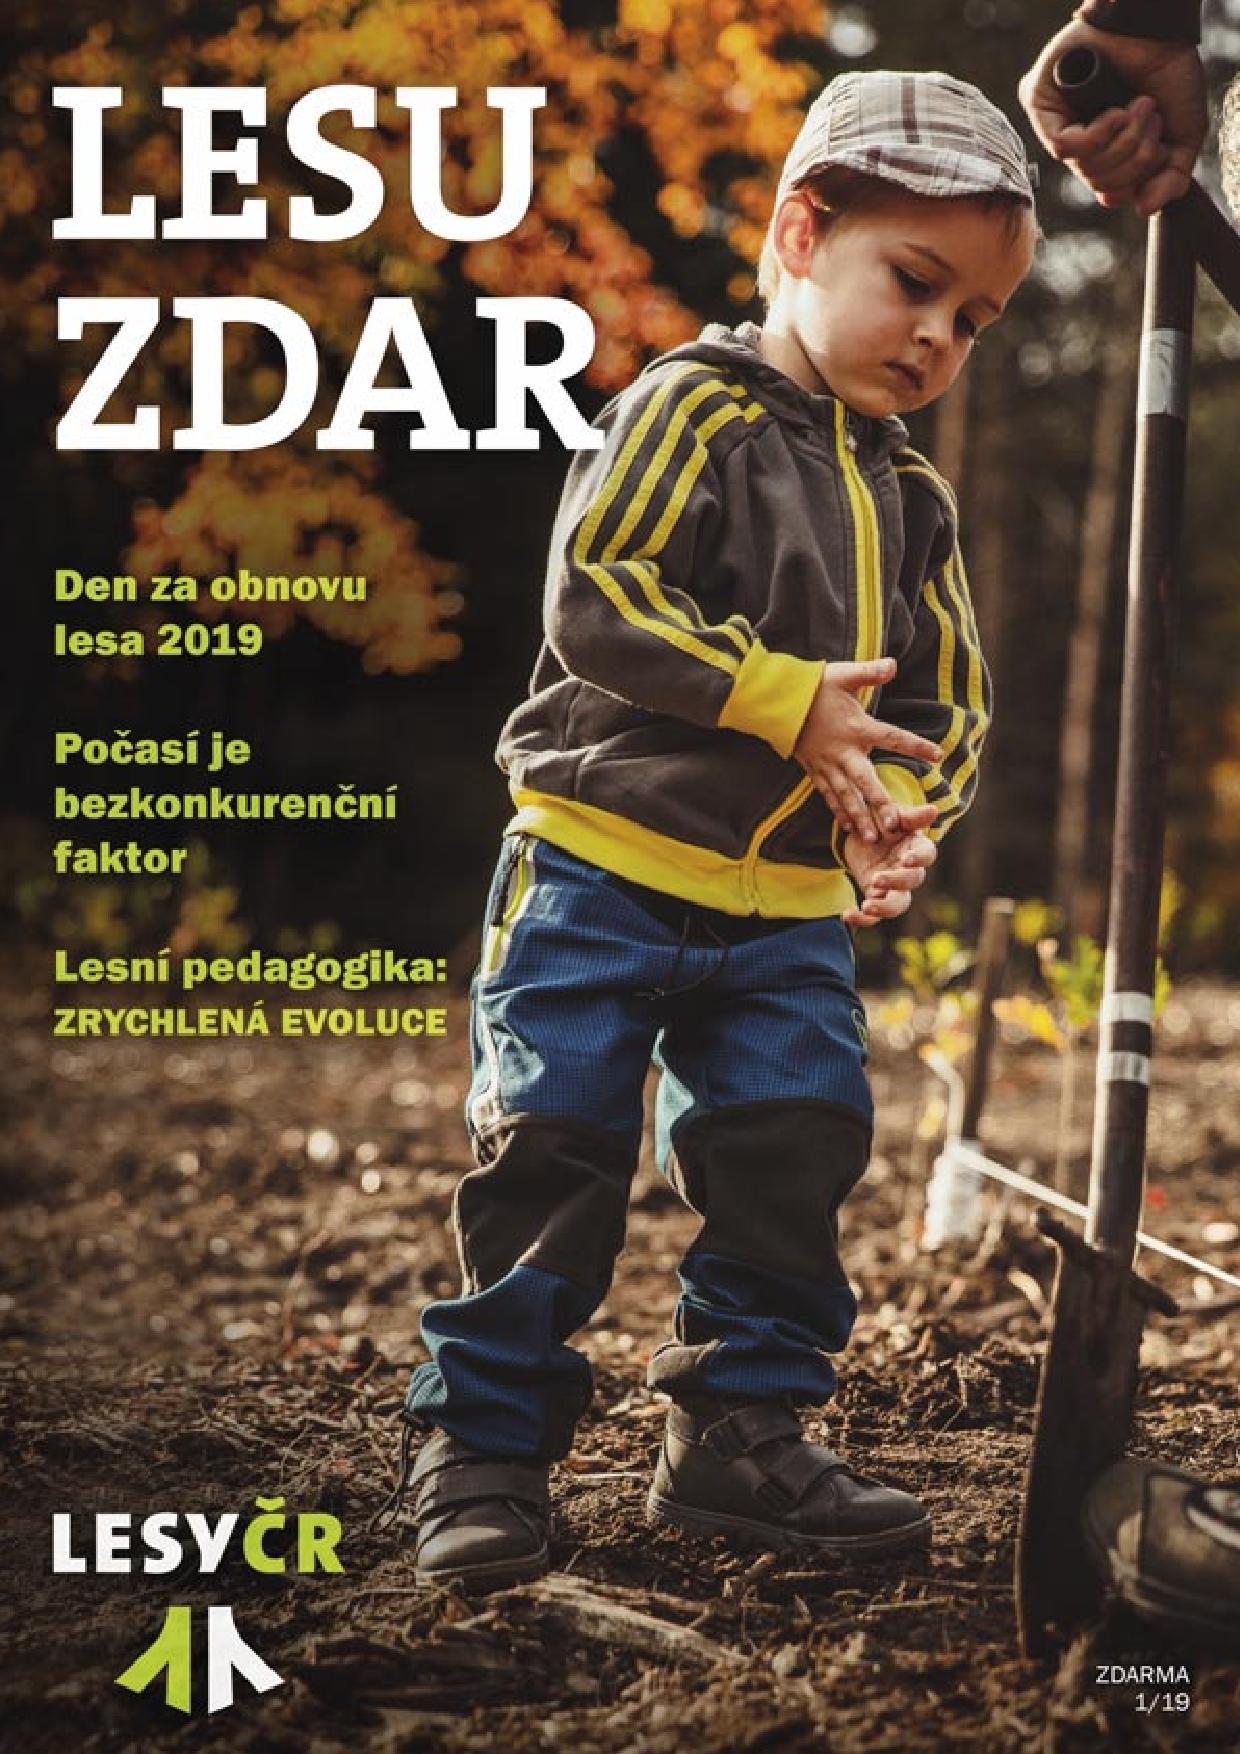 Lesu zdar 1/2019